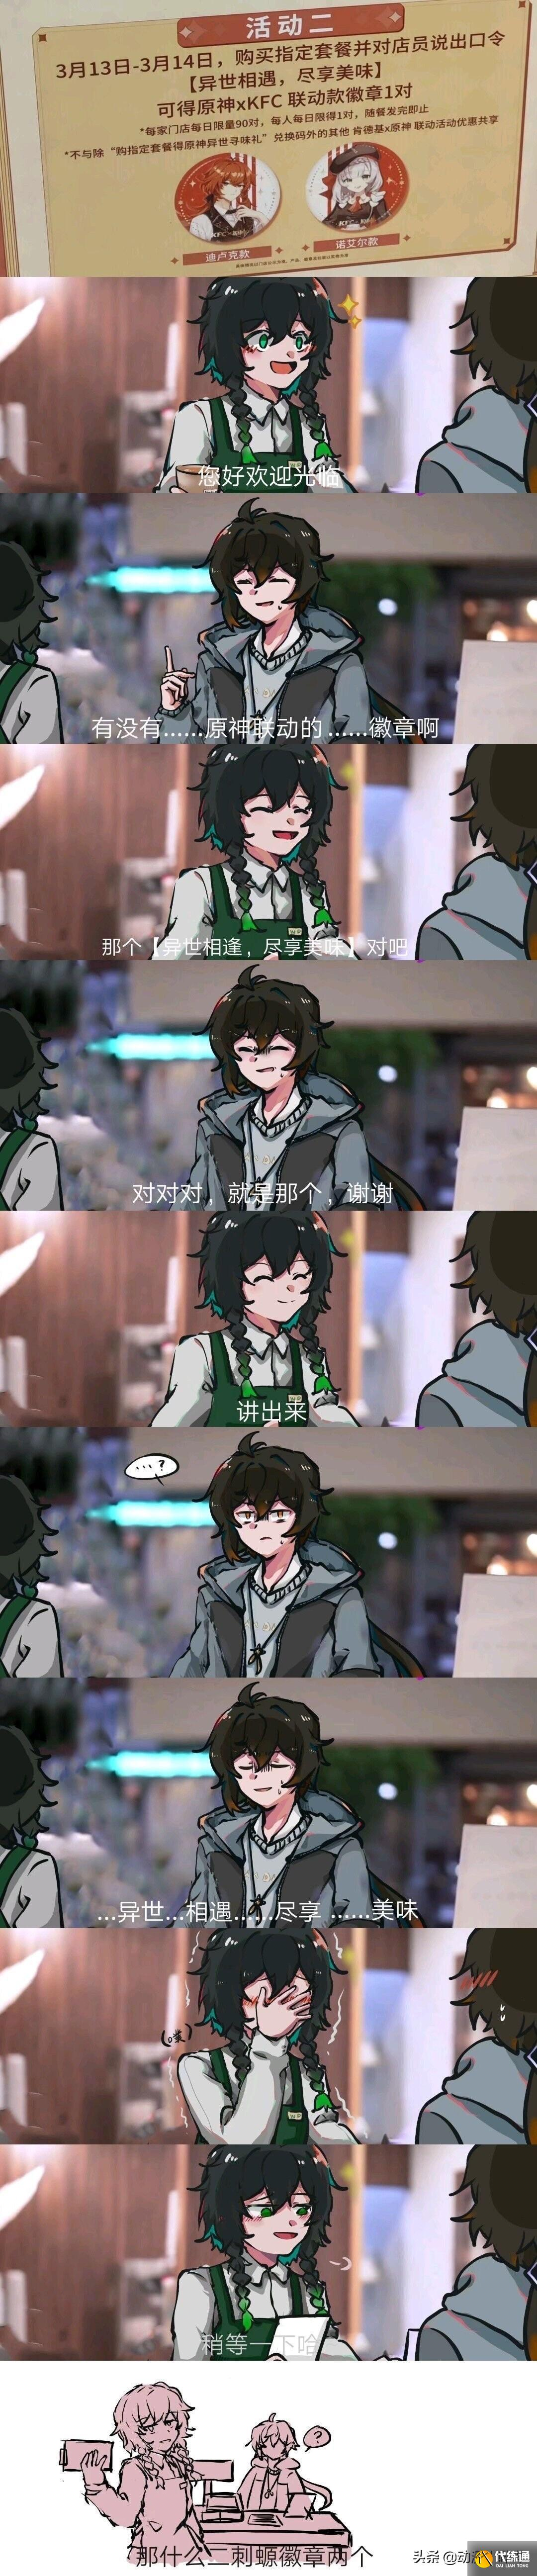 """原神又推出夢幻聯動,這次搞了個""""社死套餐"""",被網友瘋狂玩梗"""